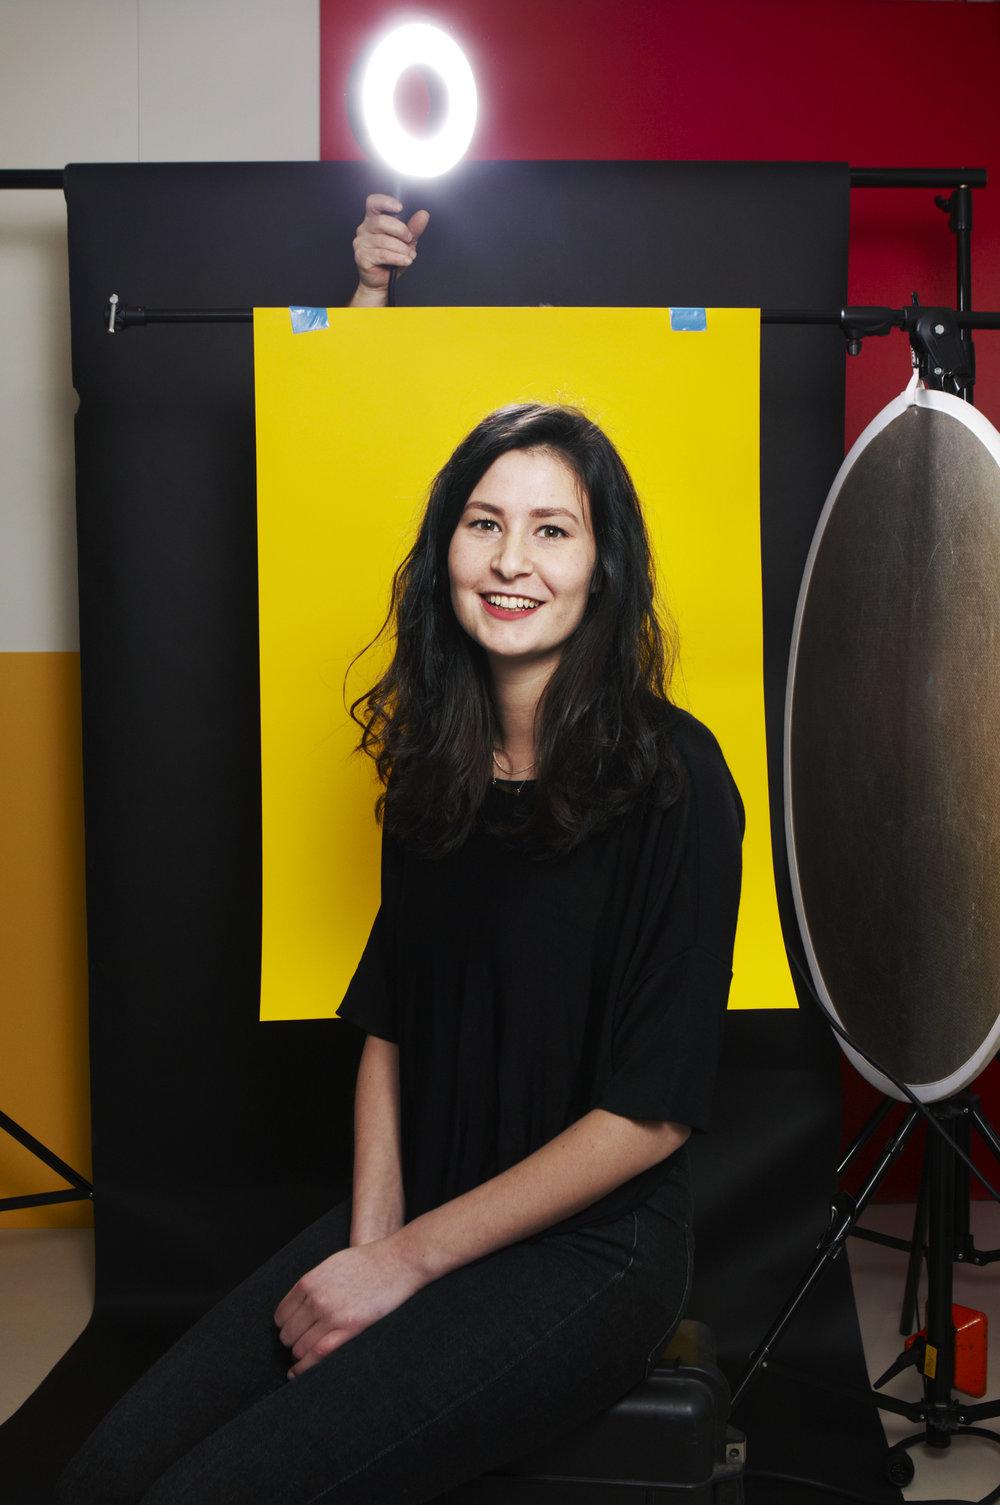 Alyssa Mahler, Projectmanager bij voordekunst door Jan-Dirk van der Burg (fotograaf des vaderlands)